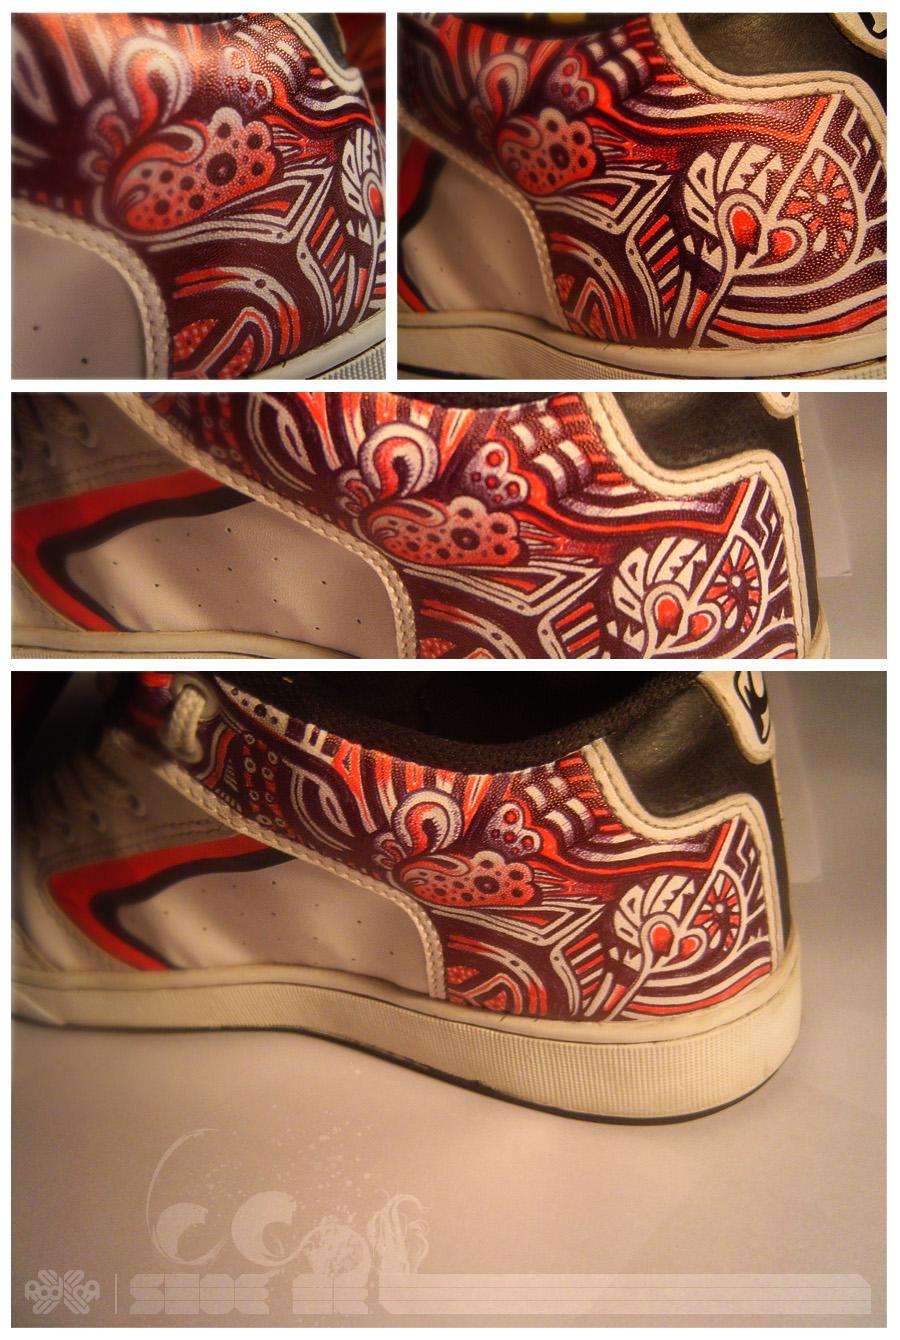 Shoe me by Rodier